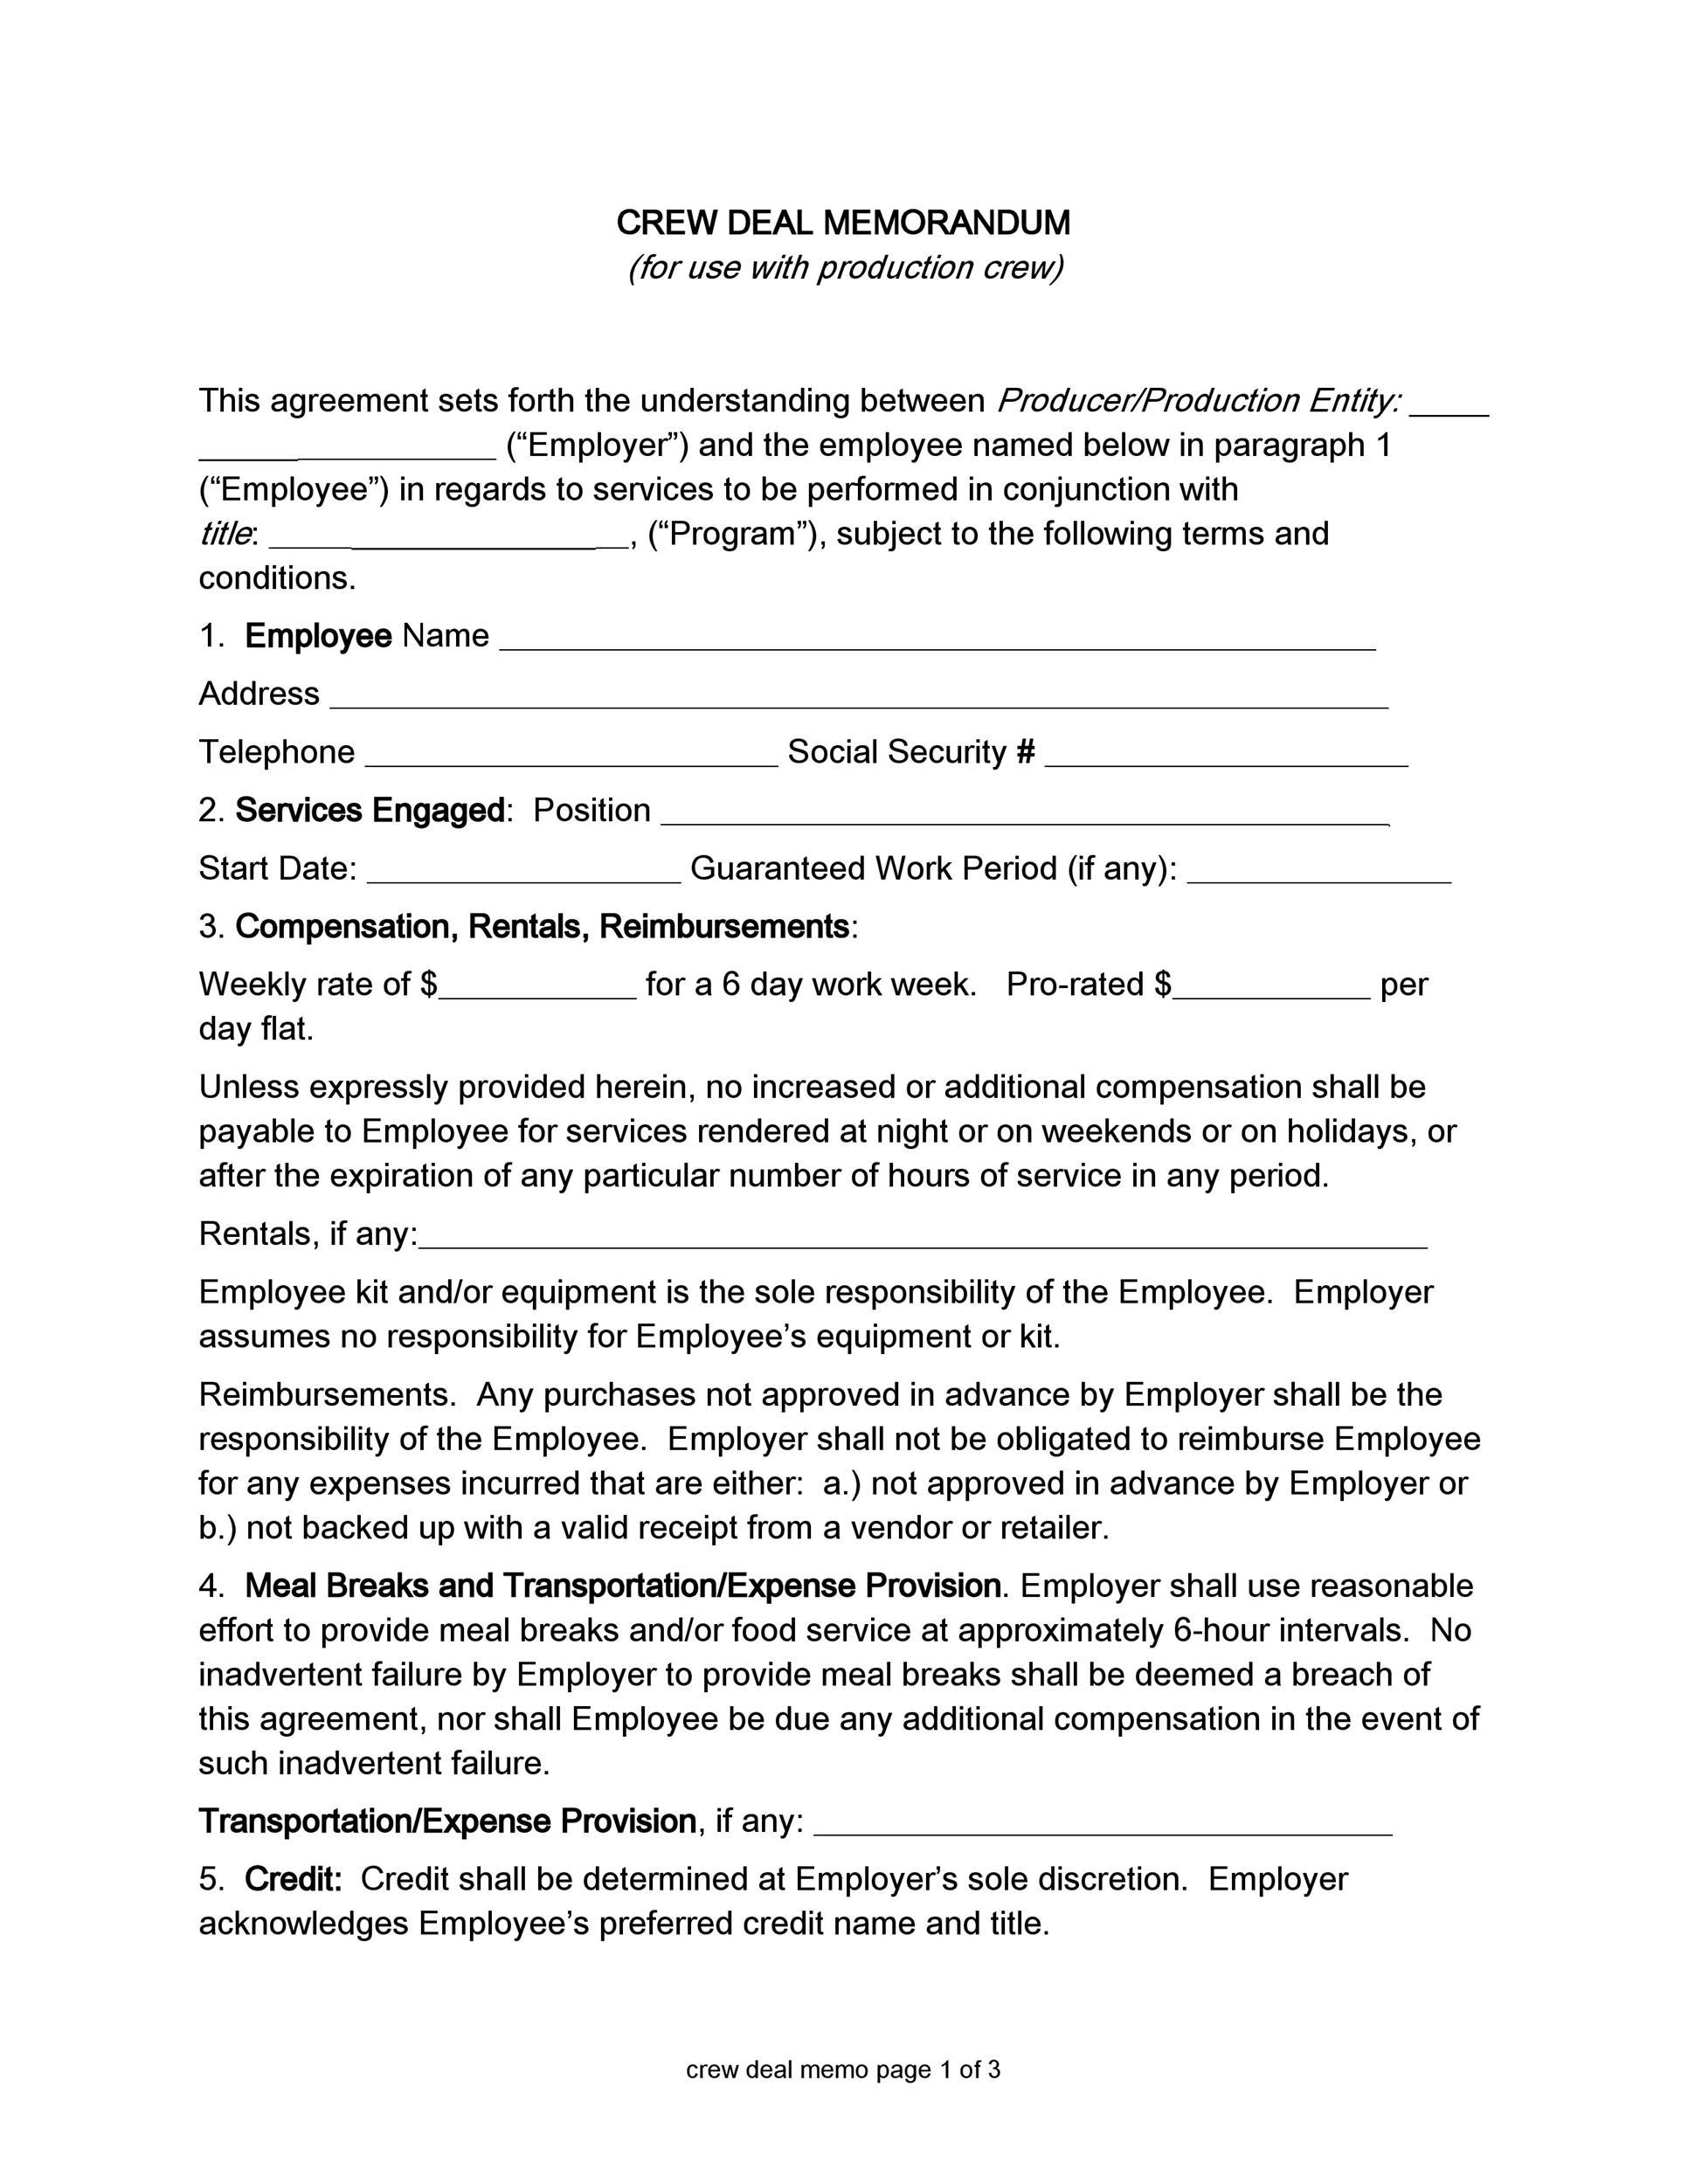 Free deal memo template 15